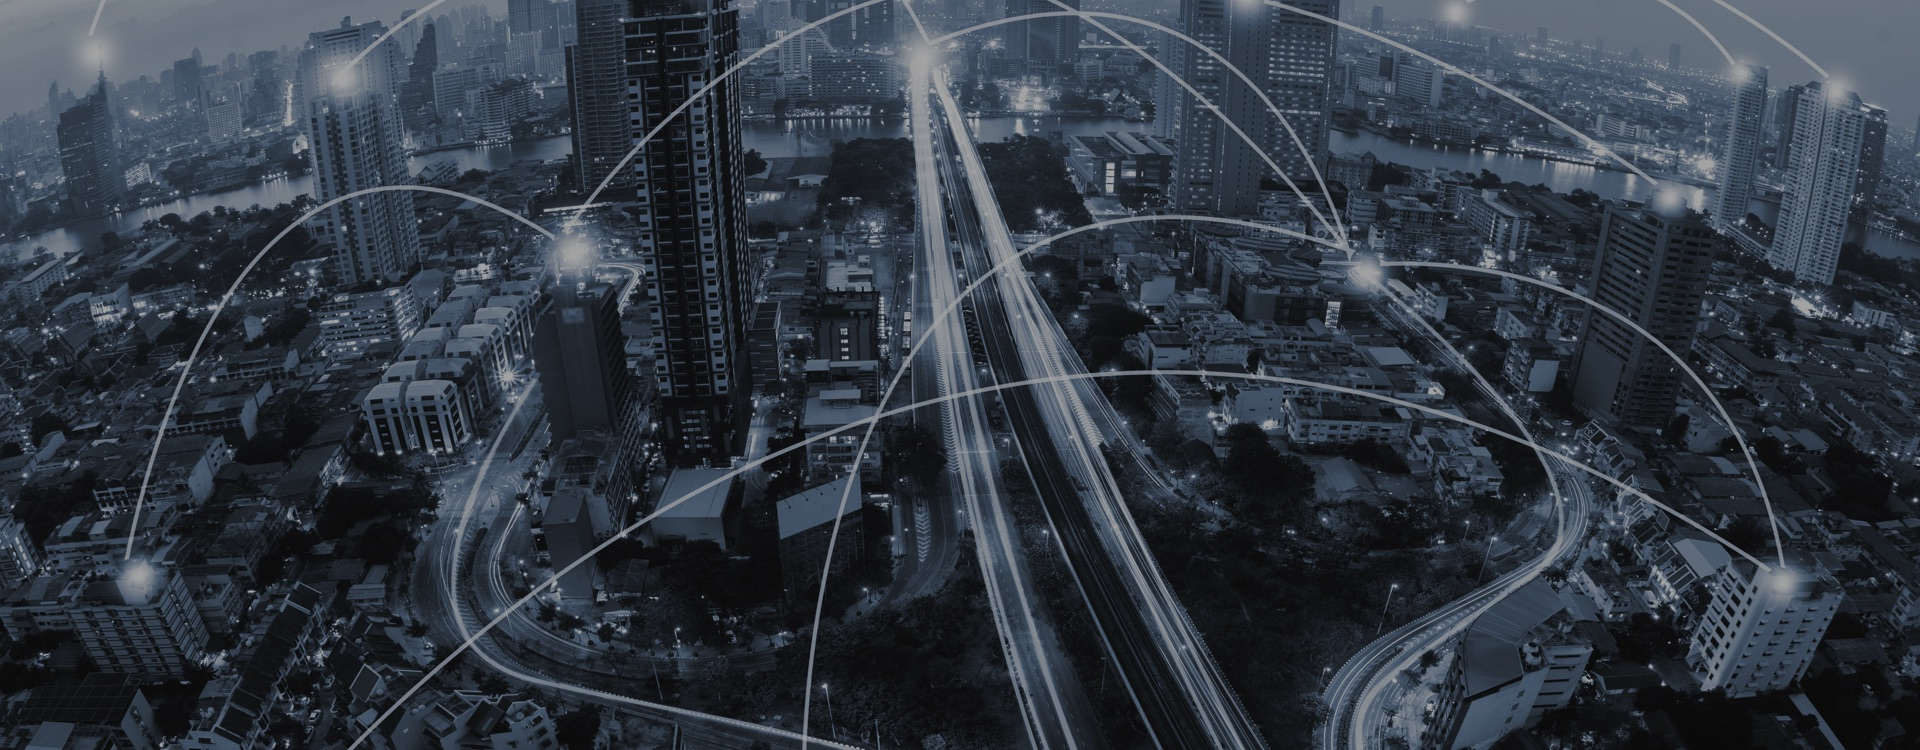 Meter&Control - smart city